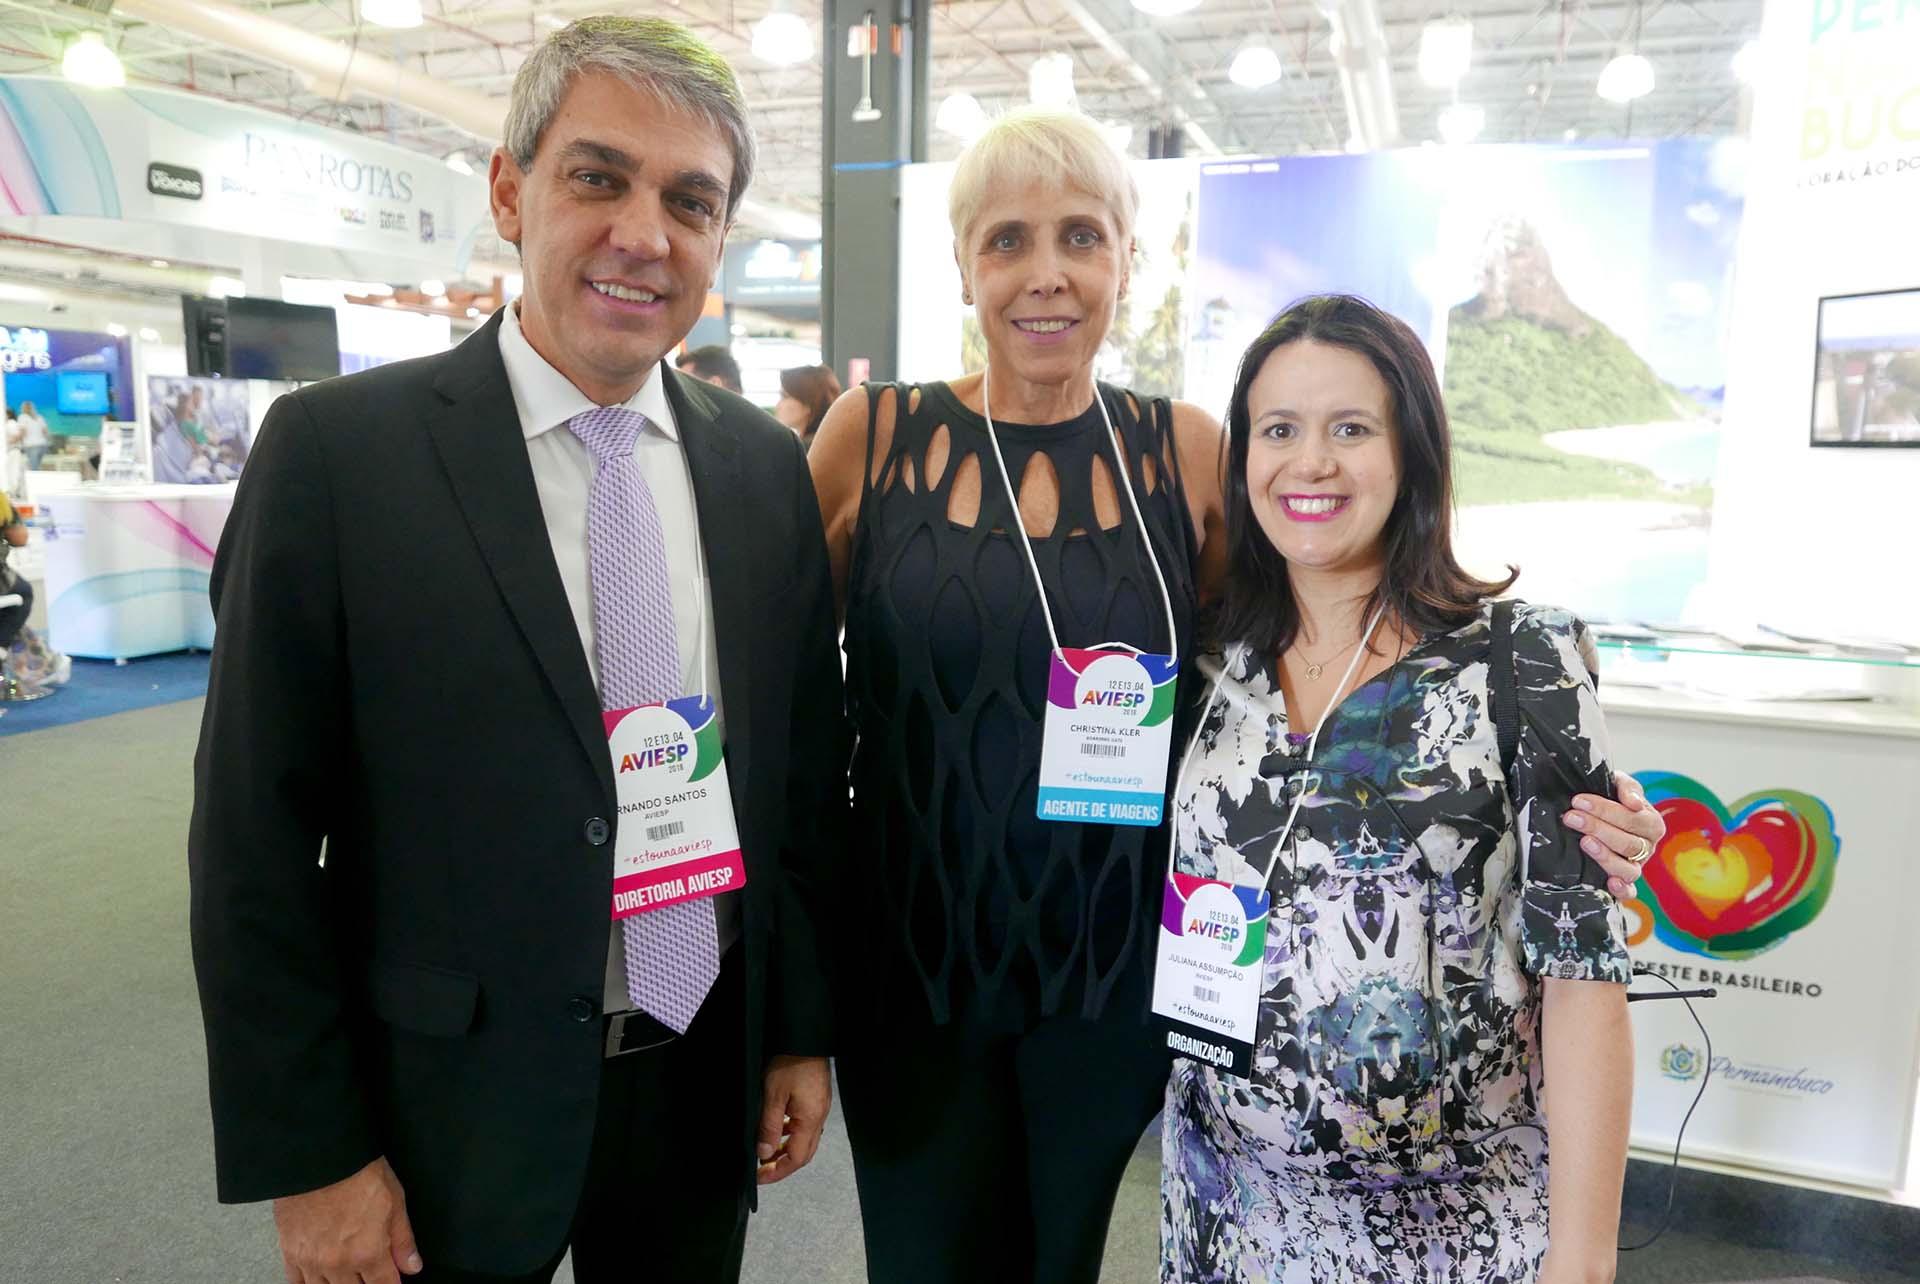 Fernando Santos, presidente da Aviesp; Chris Kler, diretora da Boarding Gate, e Juliana Assumpção, diretora de negócios da Aviesp